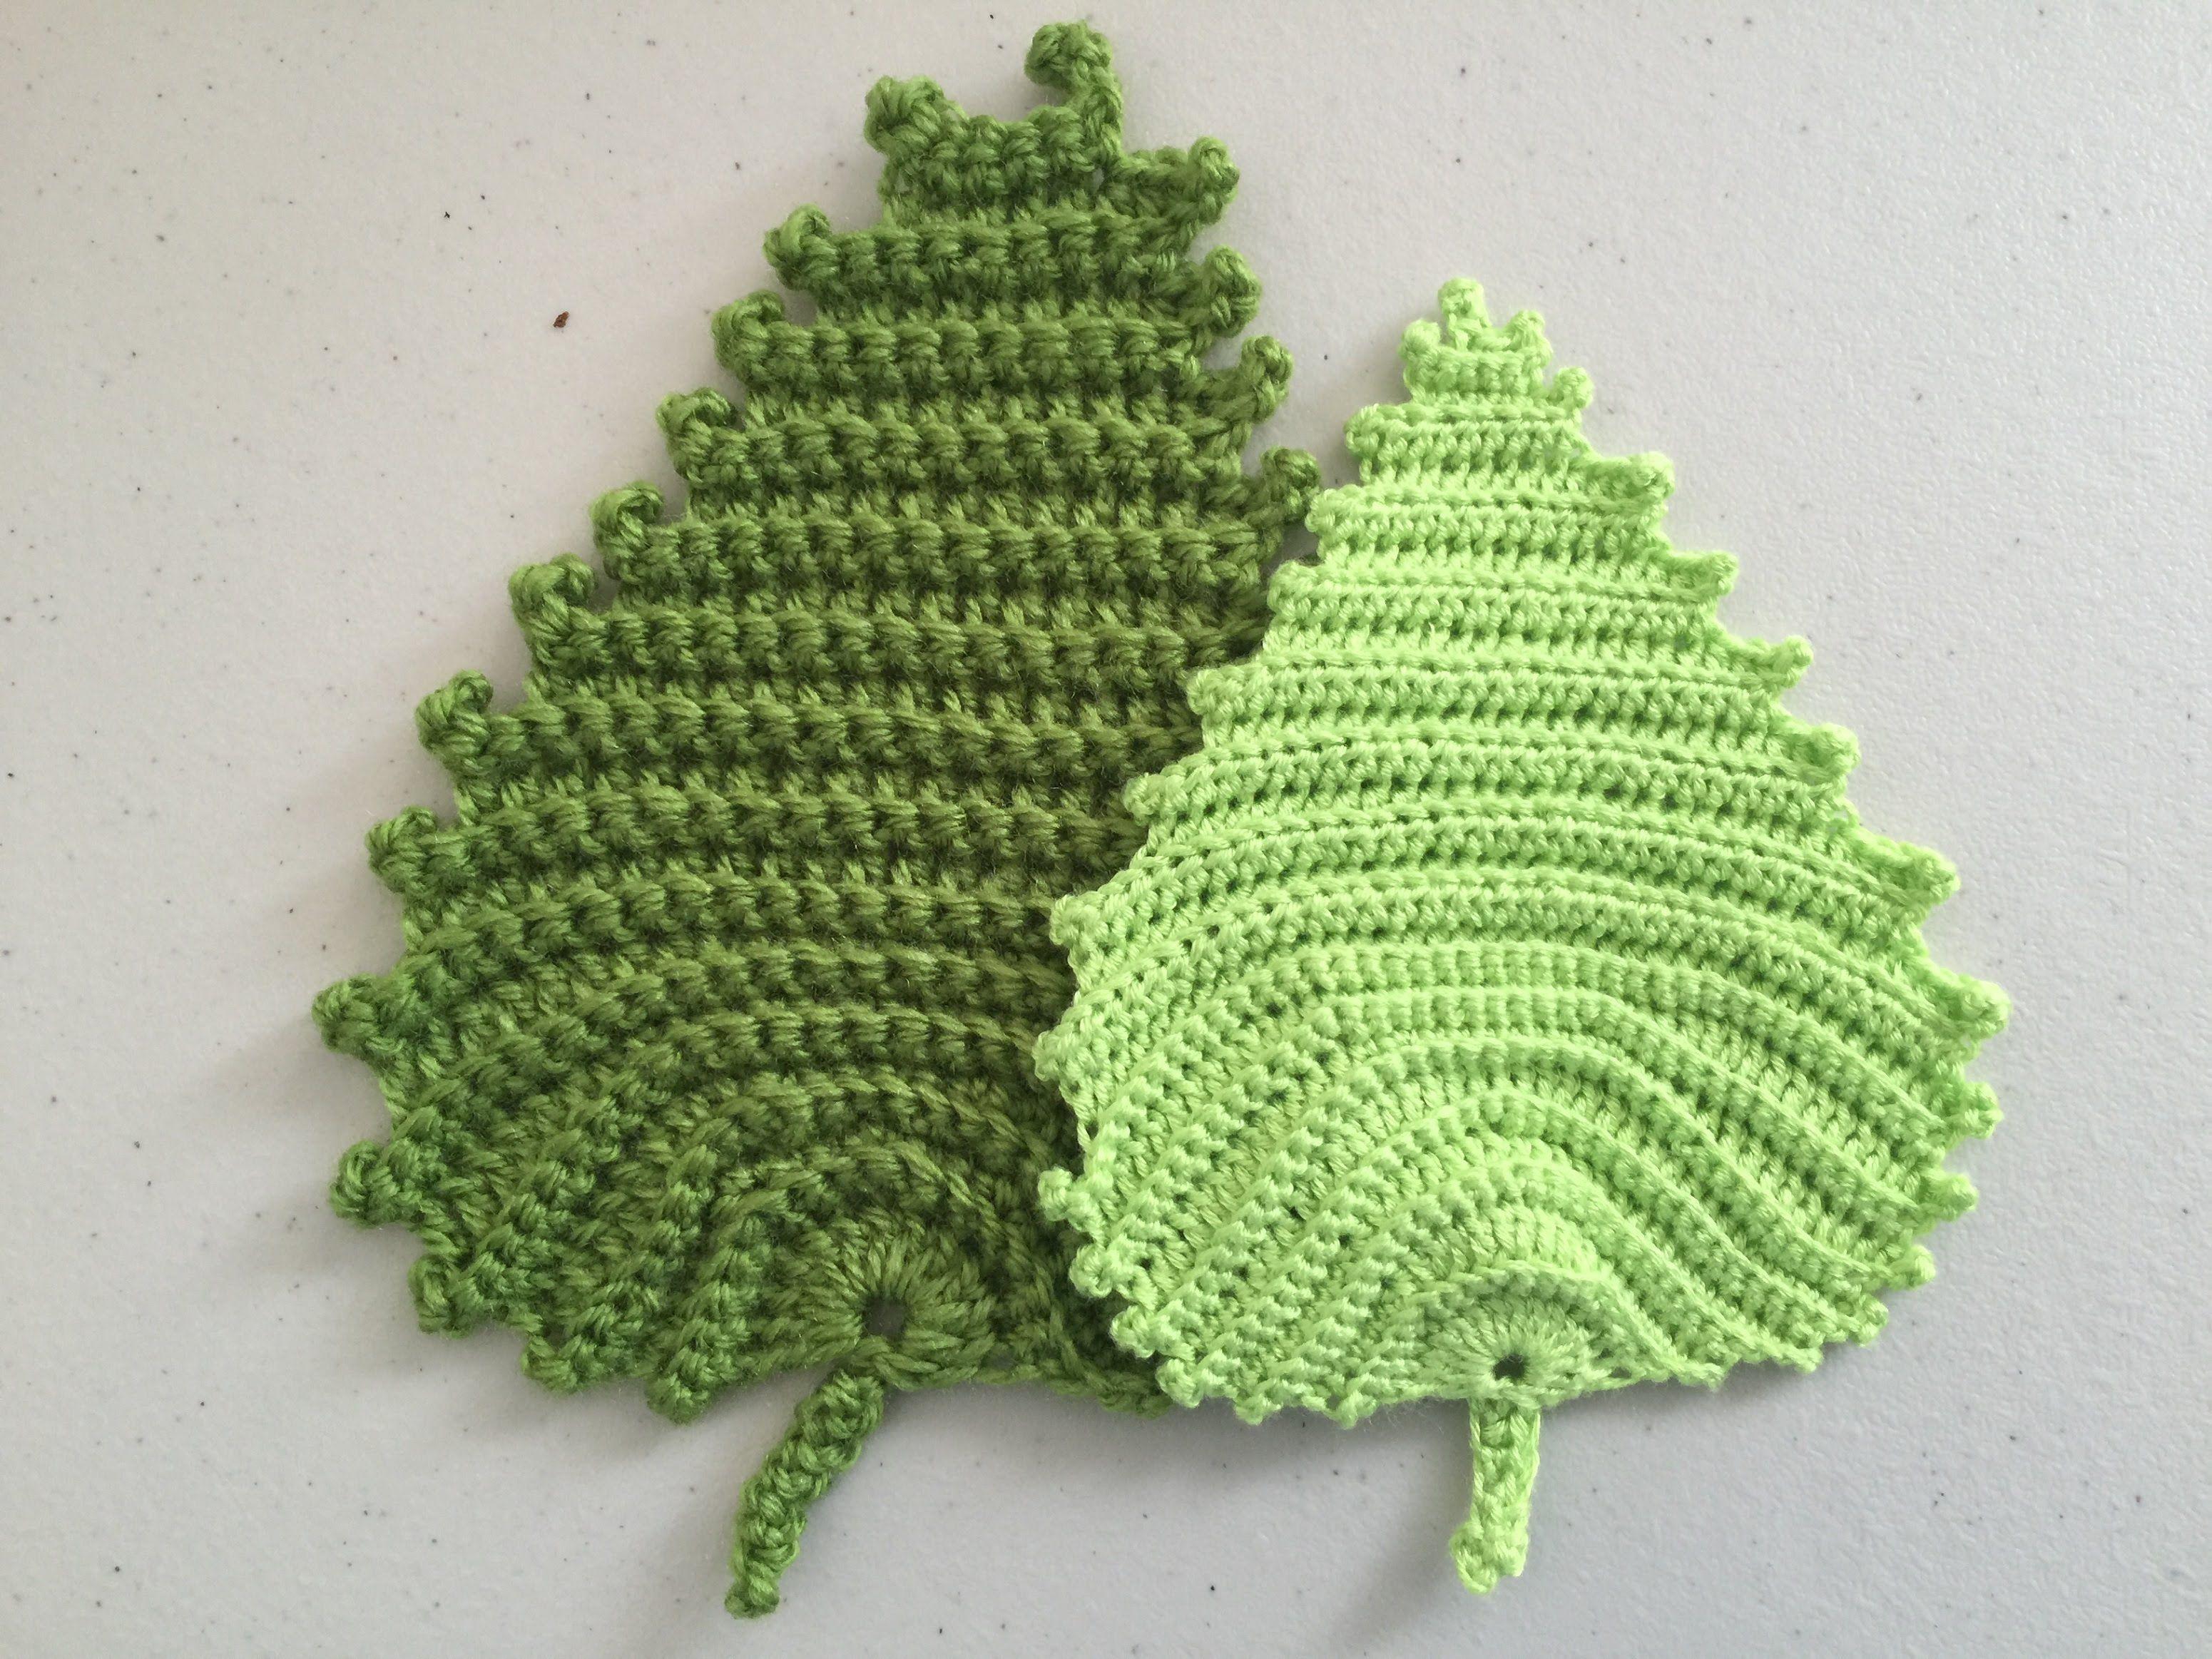 Crochet pattern irish crochet leaf pattern pinteres crochet pattern irish crochet leaf pattern more bankloansurffo Images